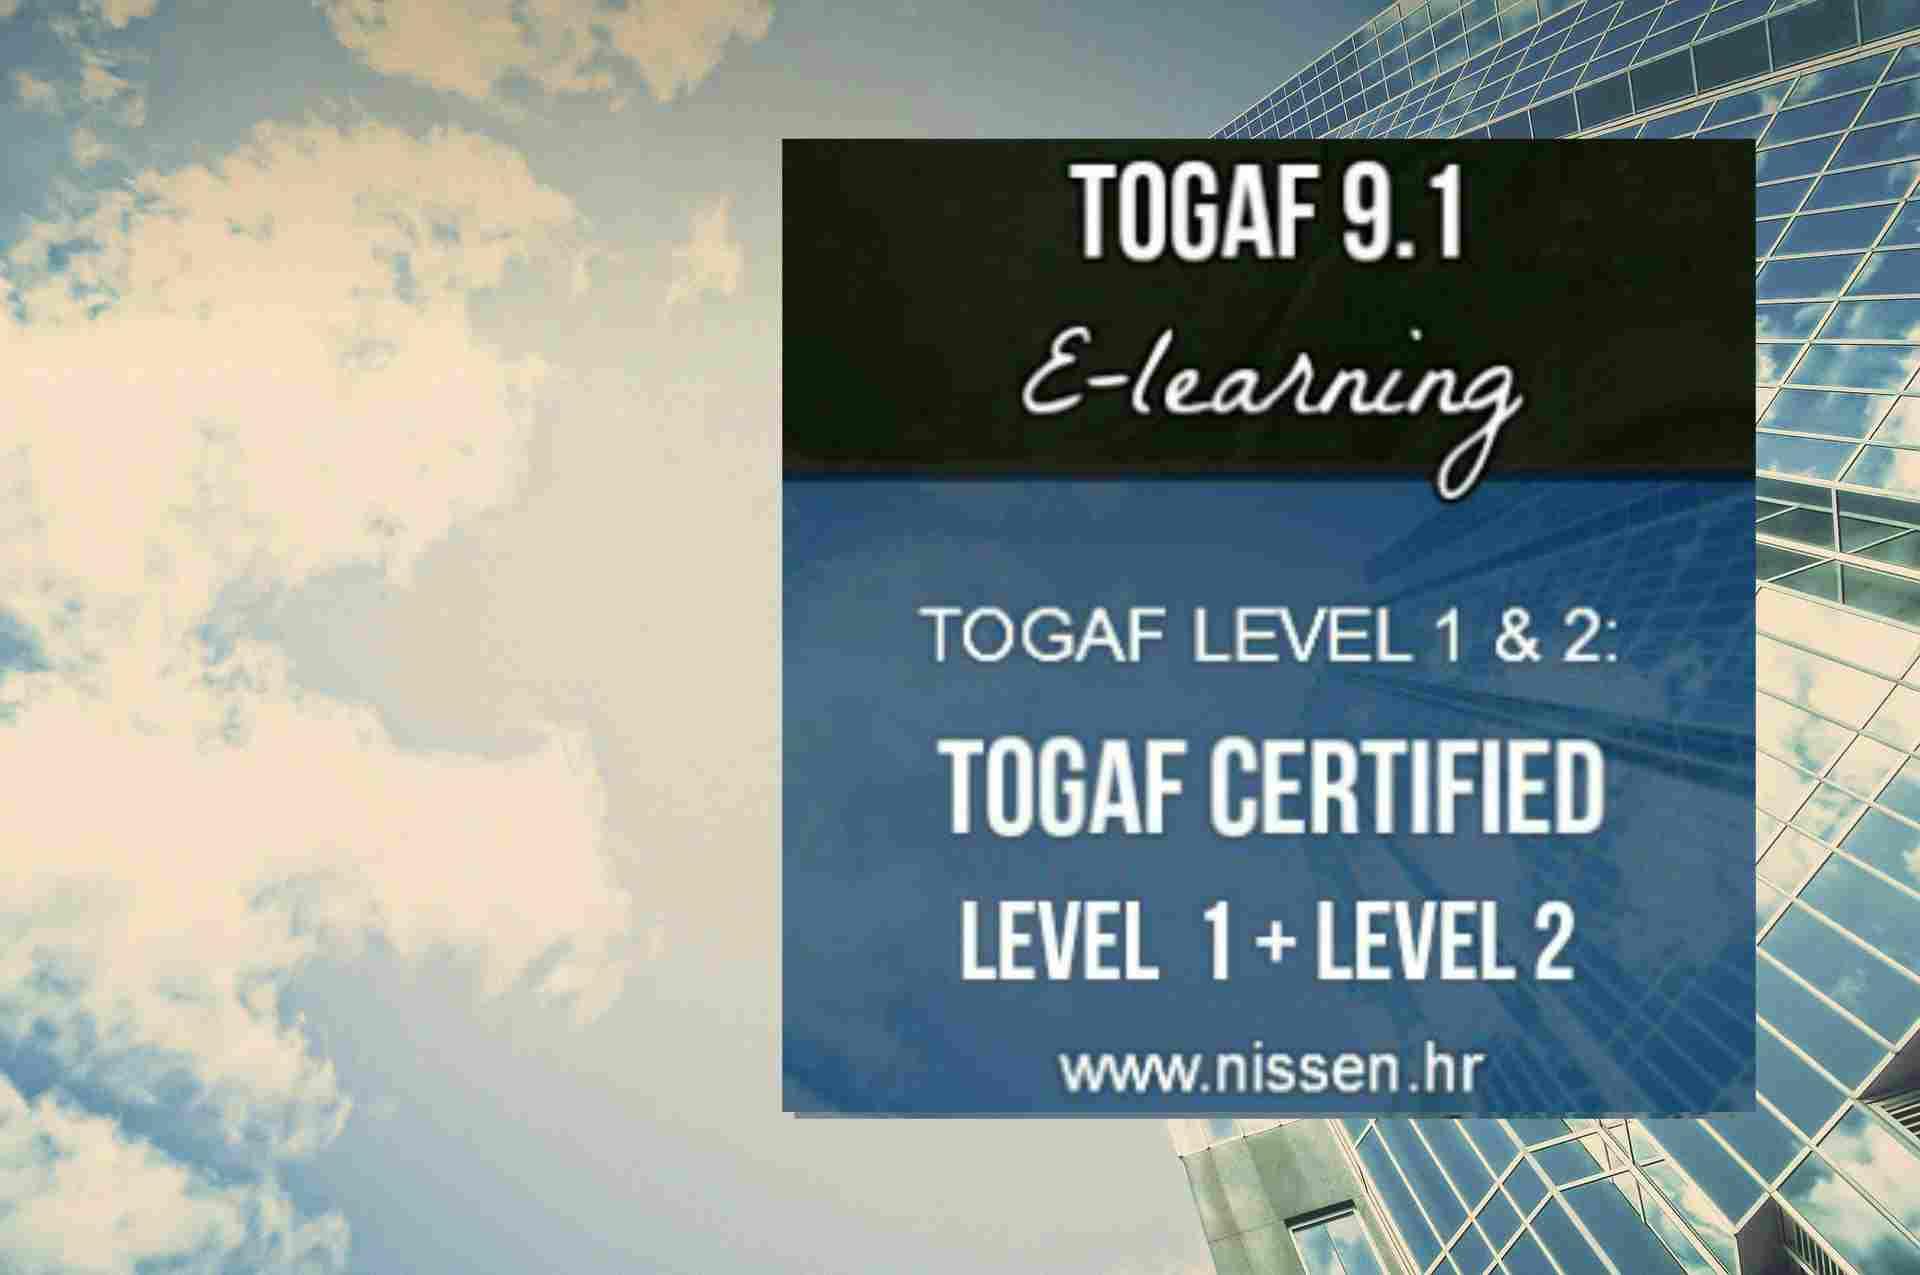 Togaf Certification Level 1 2 Nissen Itsm Its Partner